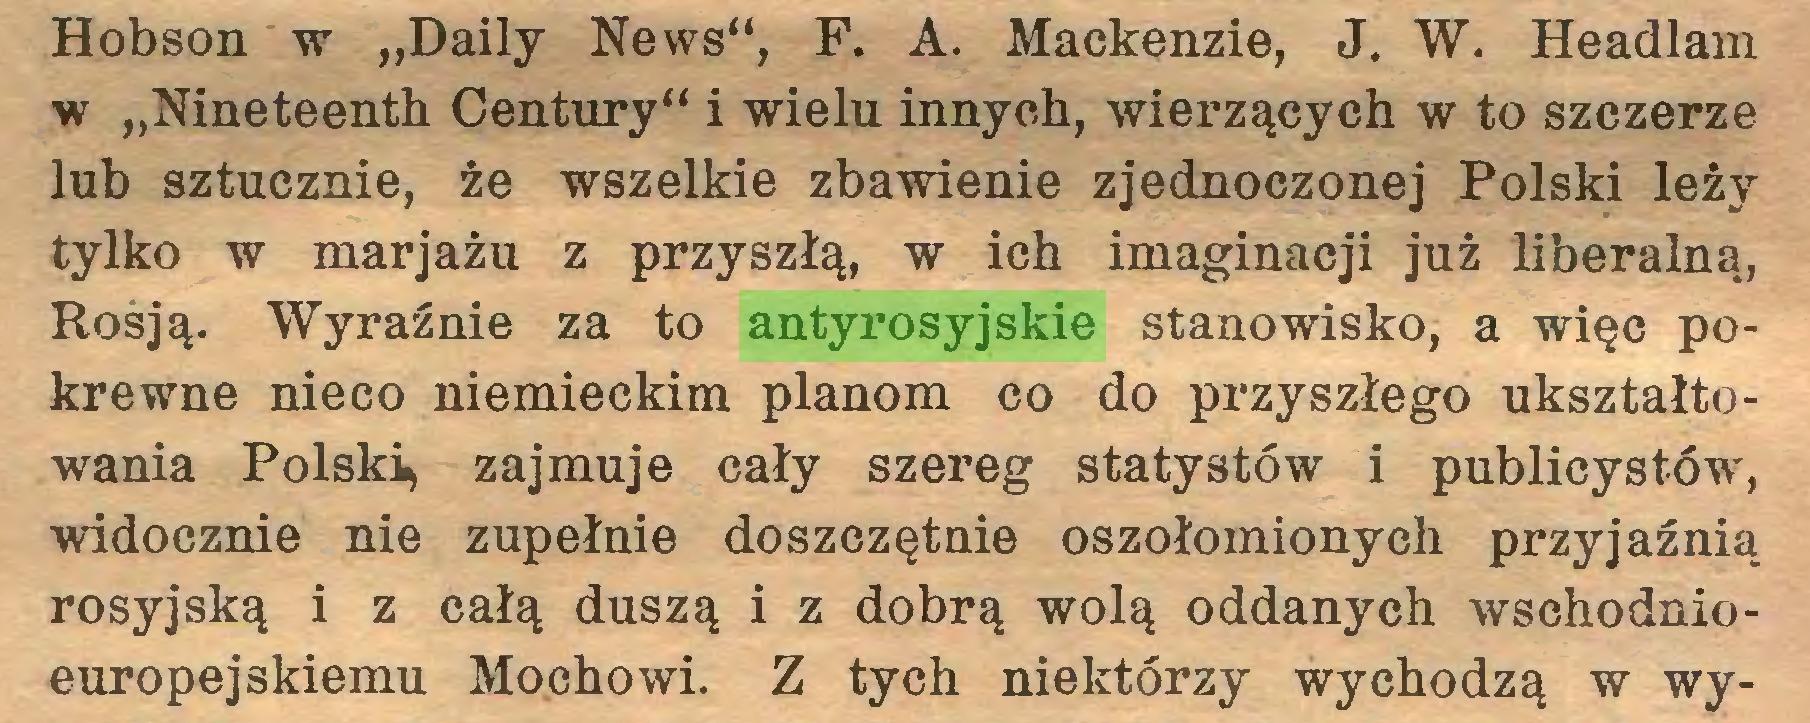 """(...) Hobson w """"Daily News"""", F. A. Mackenzie, J. W. Headlam w """"Nineteenth Century"""" i wielu innych, wierzących w to szczerze lub sztucznie, że wszelkie zbawienie zjednoczonej Polski leży tylko w marjażu z przyszłą, w ich imaginacji już liberalną, Rosją. Wyraźnie za to antyrosyjskie stanowisko, a więc pokrewne nieco niemieckim planom co do przyszłego ukształtowania Polski^ zajmuje cały szereg statystów i publicystów, widocznie nie zupełnie doszczętnie oszołomionych przyjaźnią rosyjską i z całą duszą i z dobrą wolą oddanych wschodnioeuropejskiemu Mochowi. Z tych niektórzy wychodzą w wy..."""